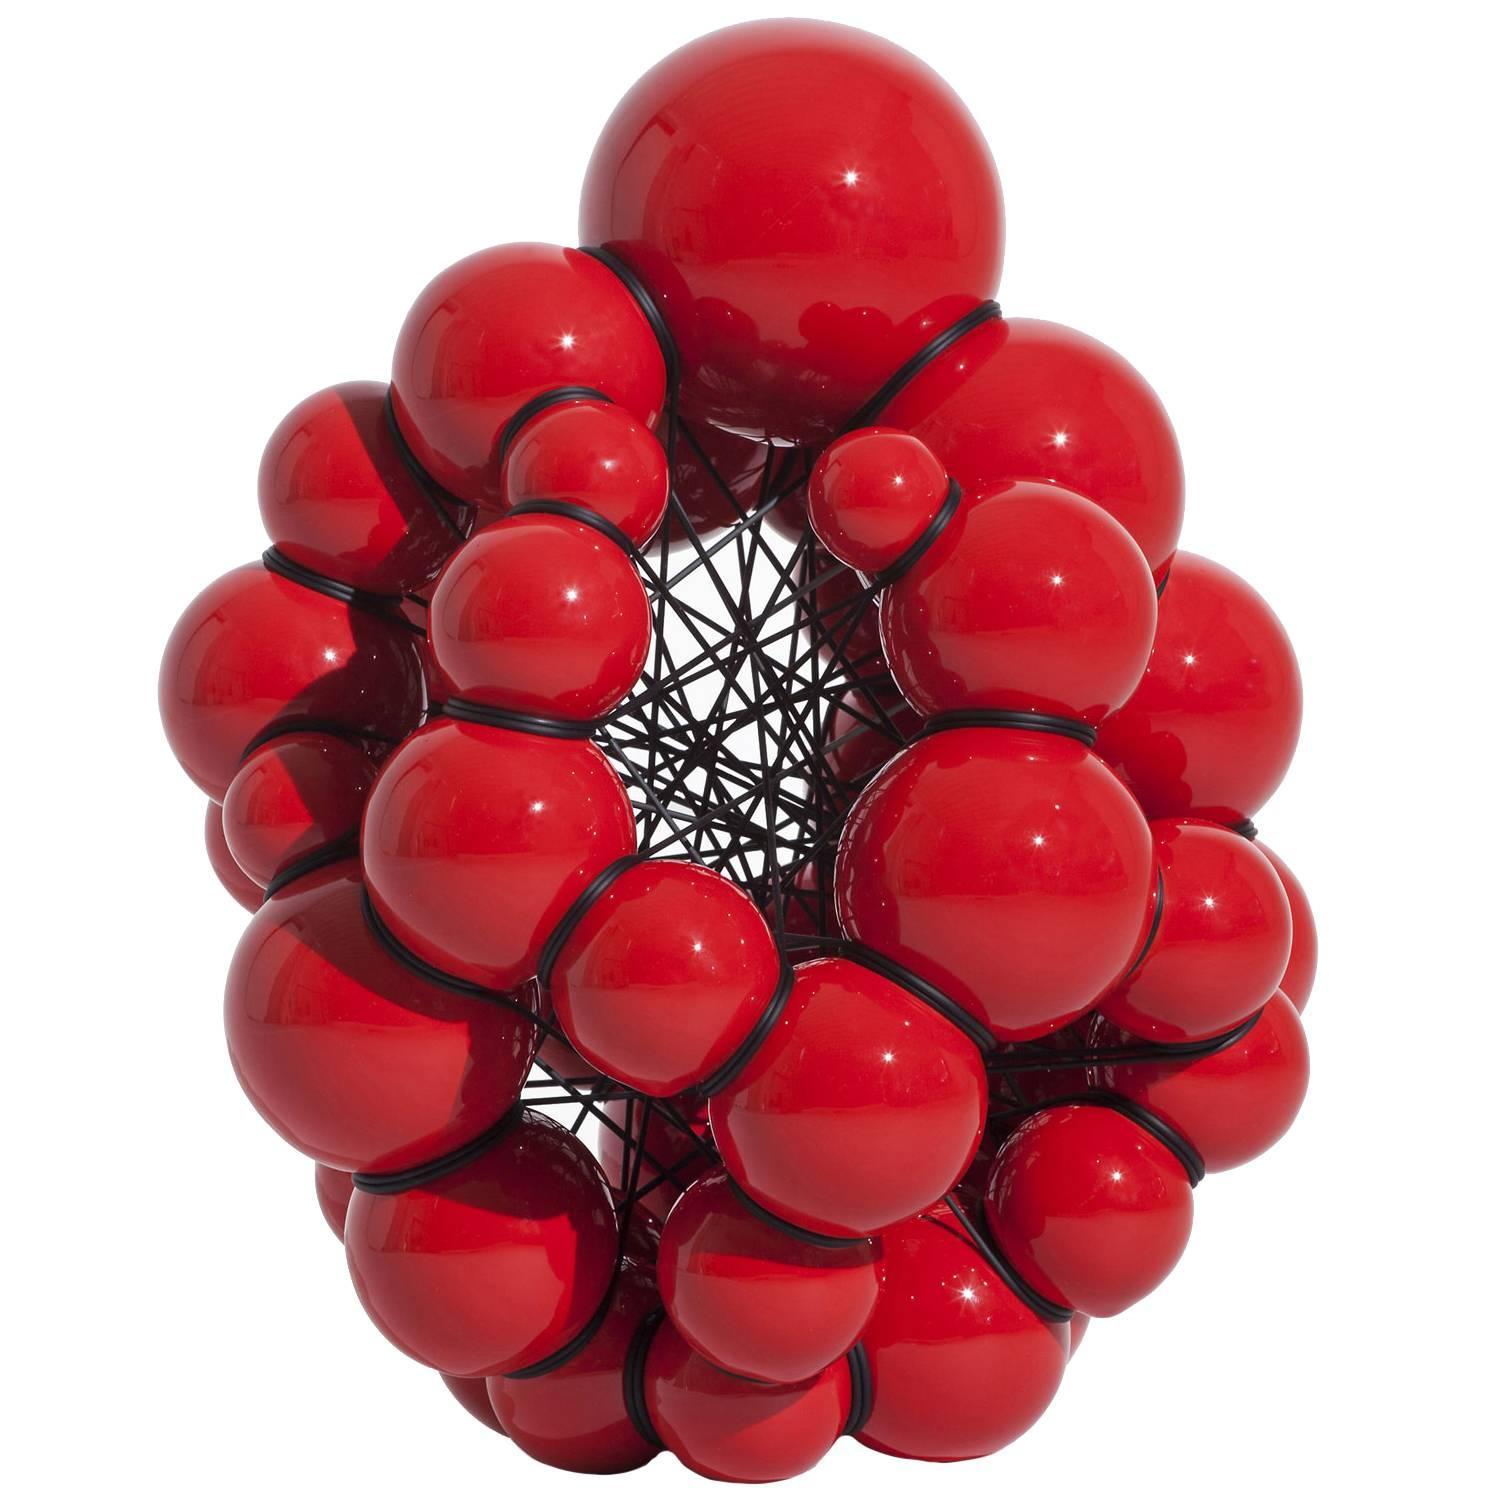 Modern Red Ceramic Sculpture by Steen Ipsen